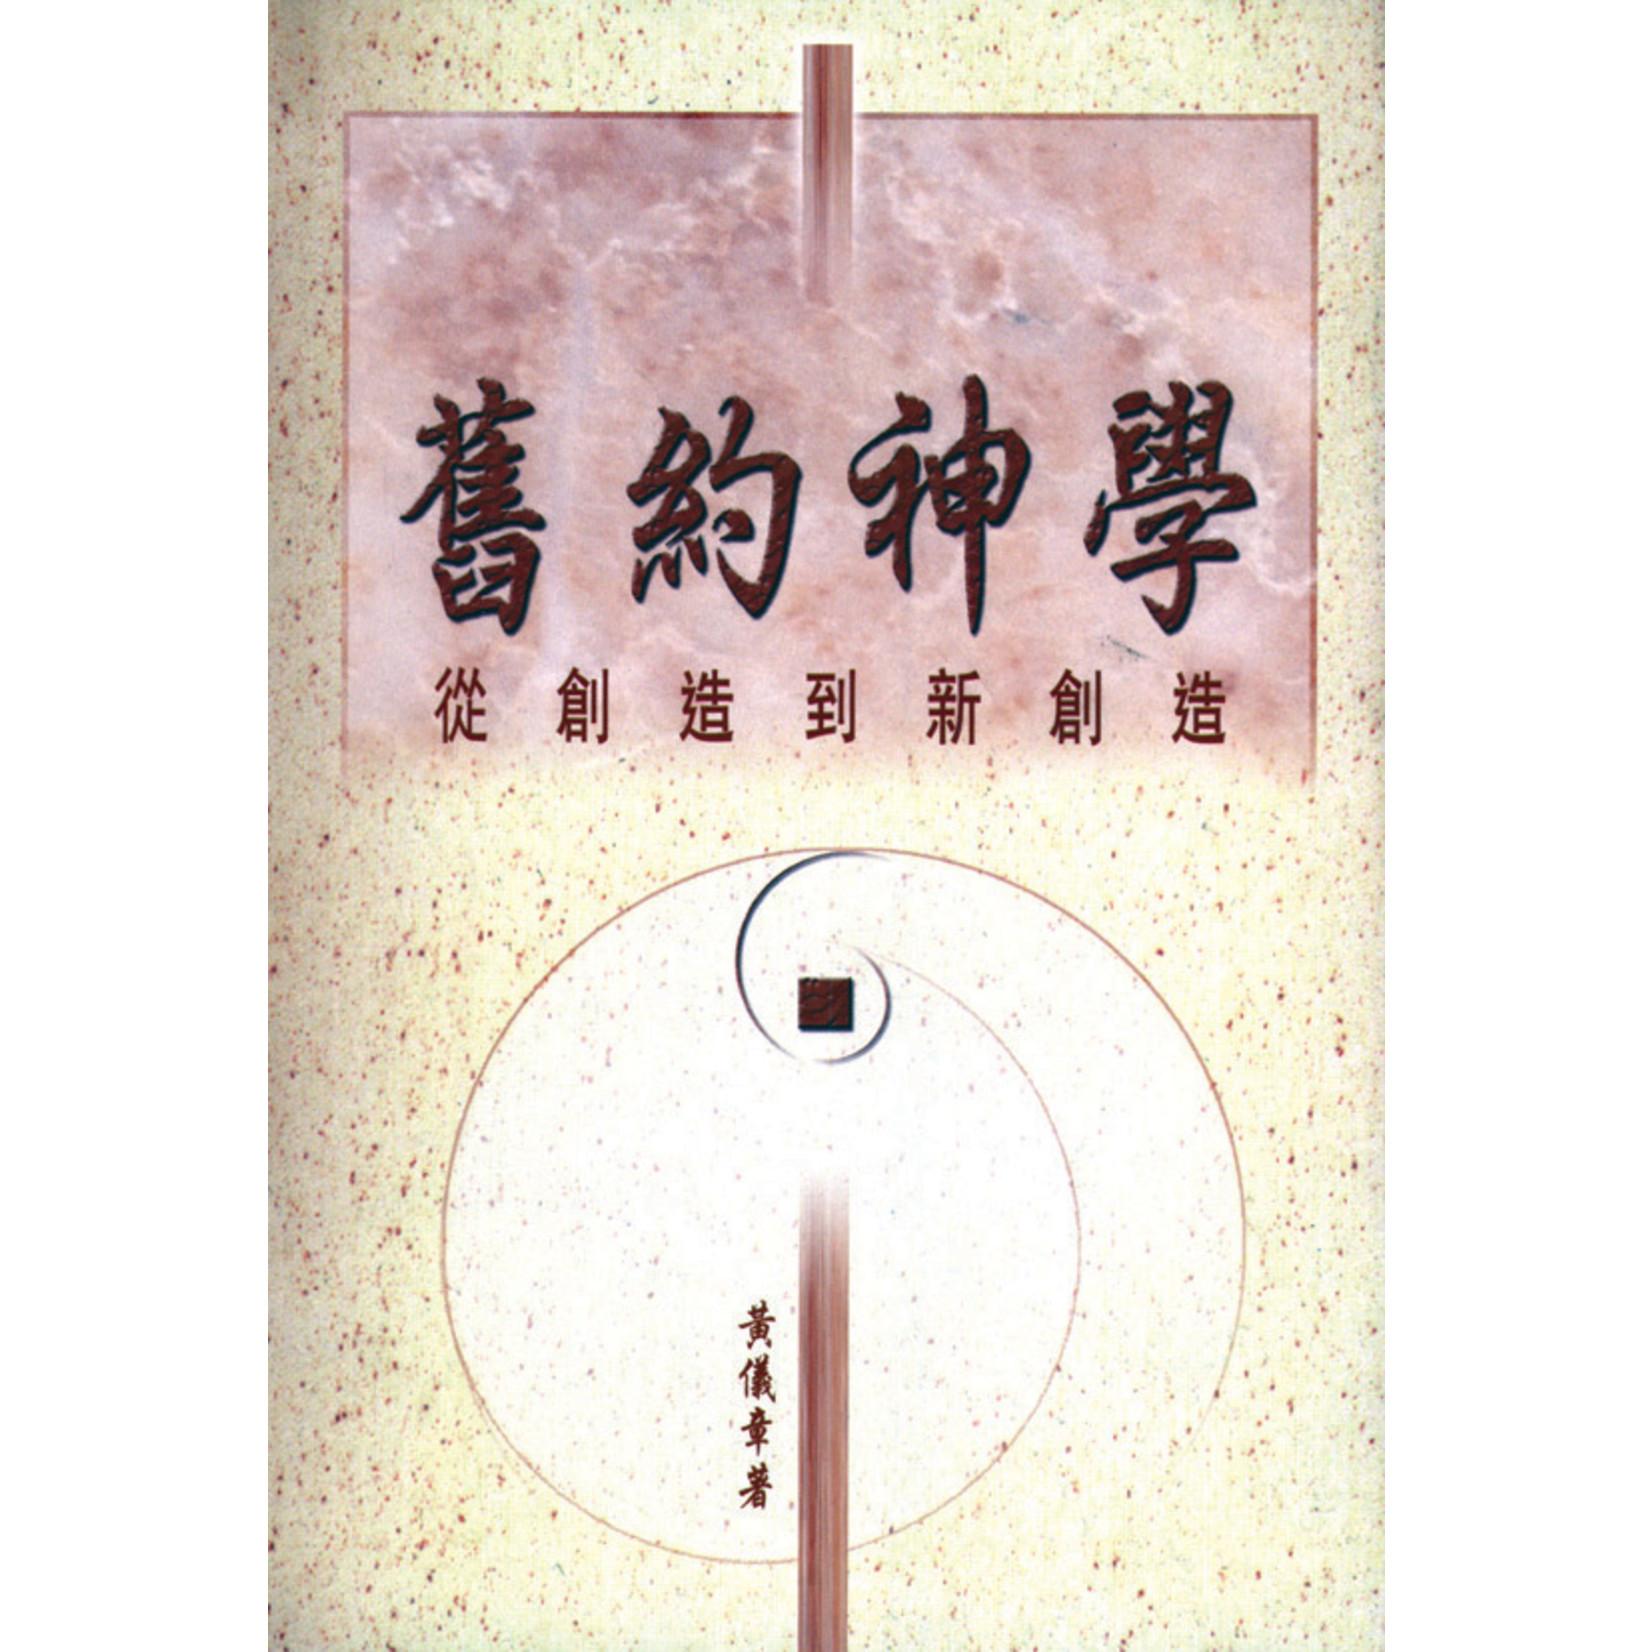 天道書樓 Tien Dao Publishing House 舊約神學:從創造到新創造